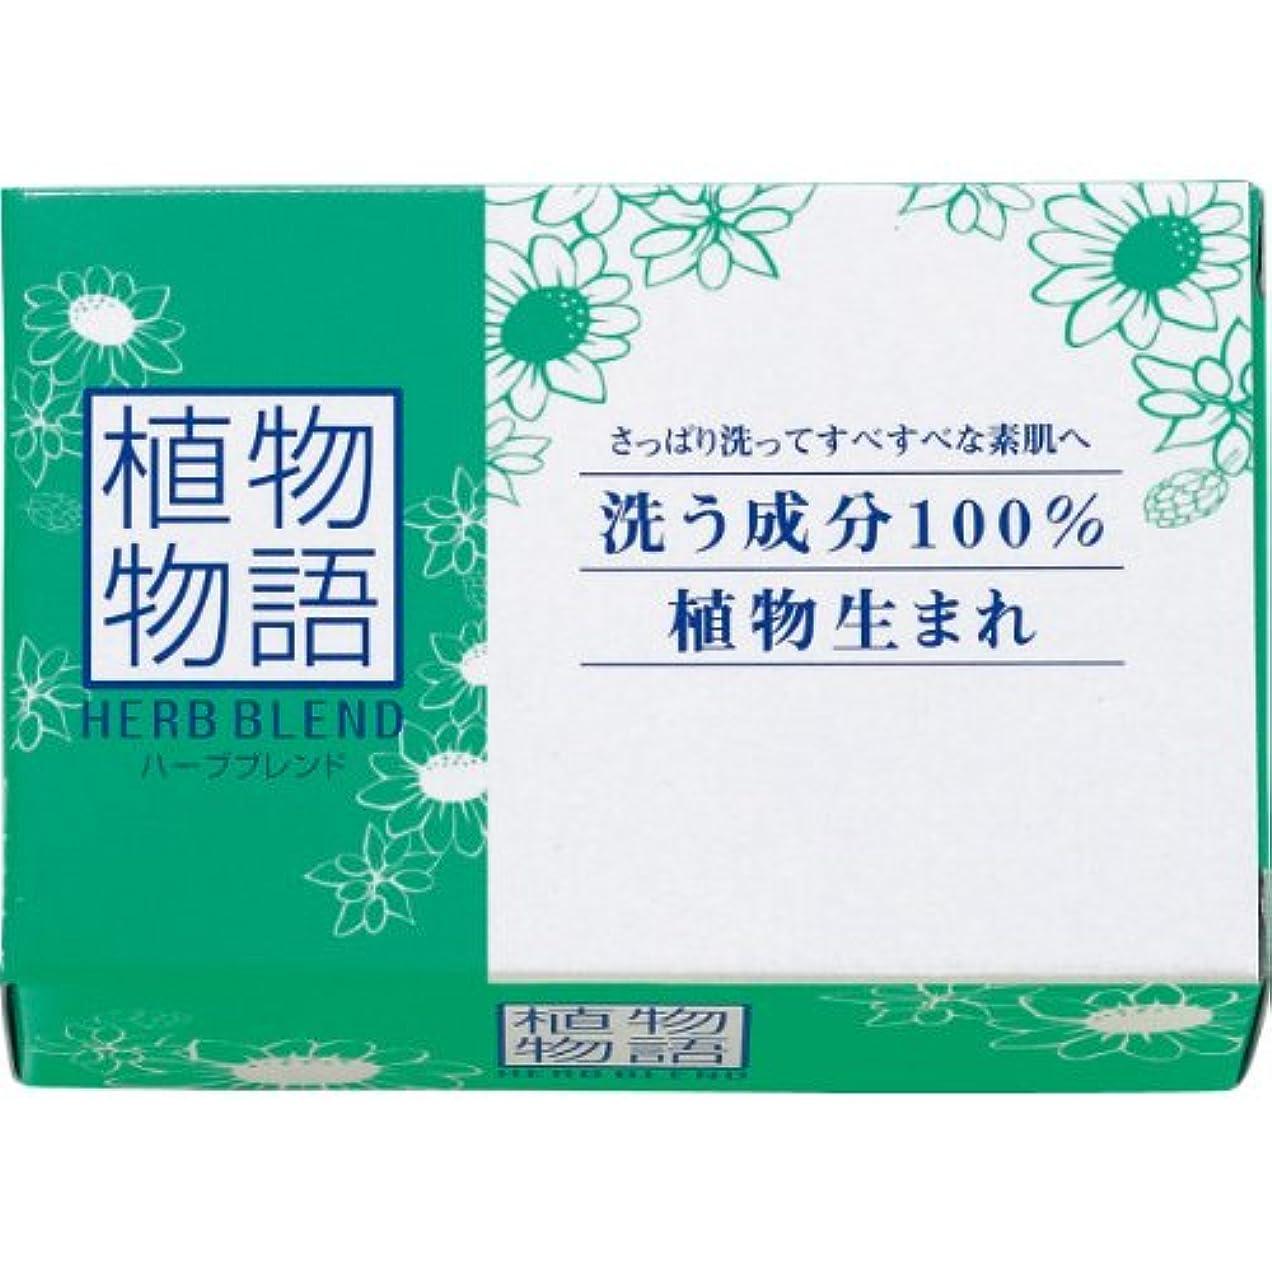 干渉する男やもめクリップ【ライオン】植物物語ハーブブレンド 化粧石鹸 80g